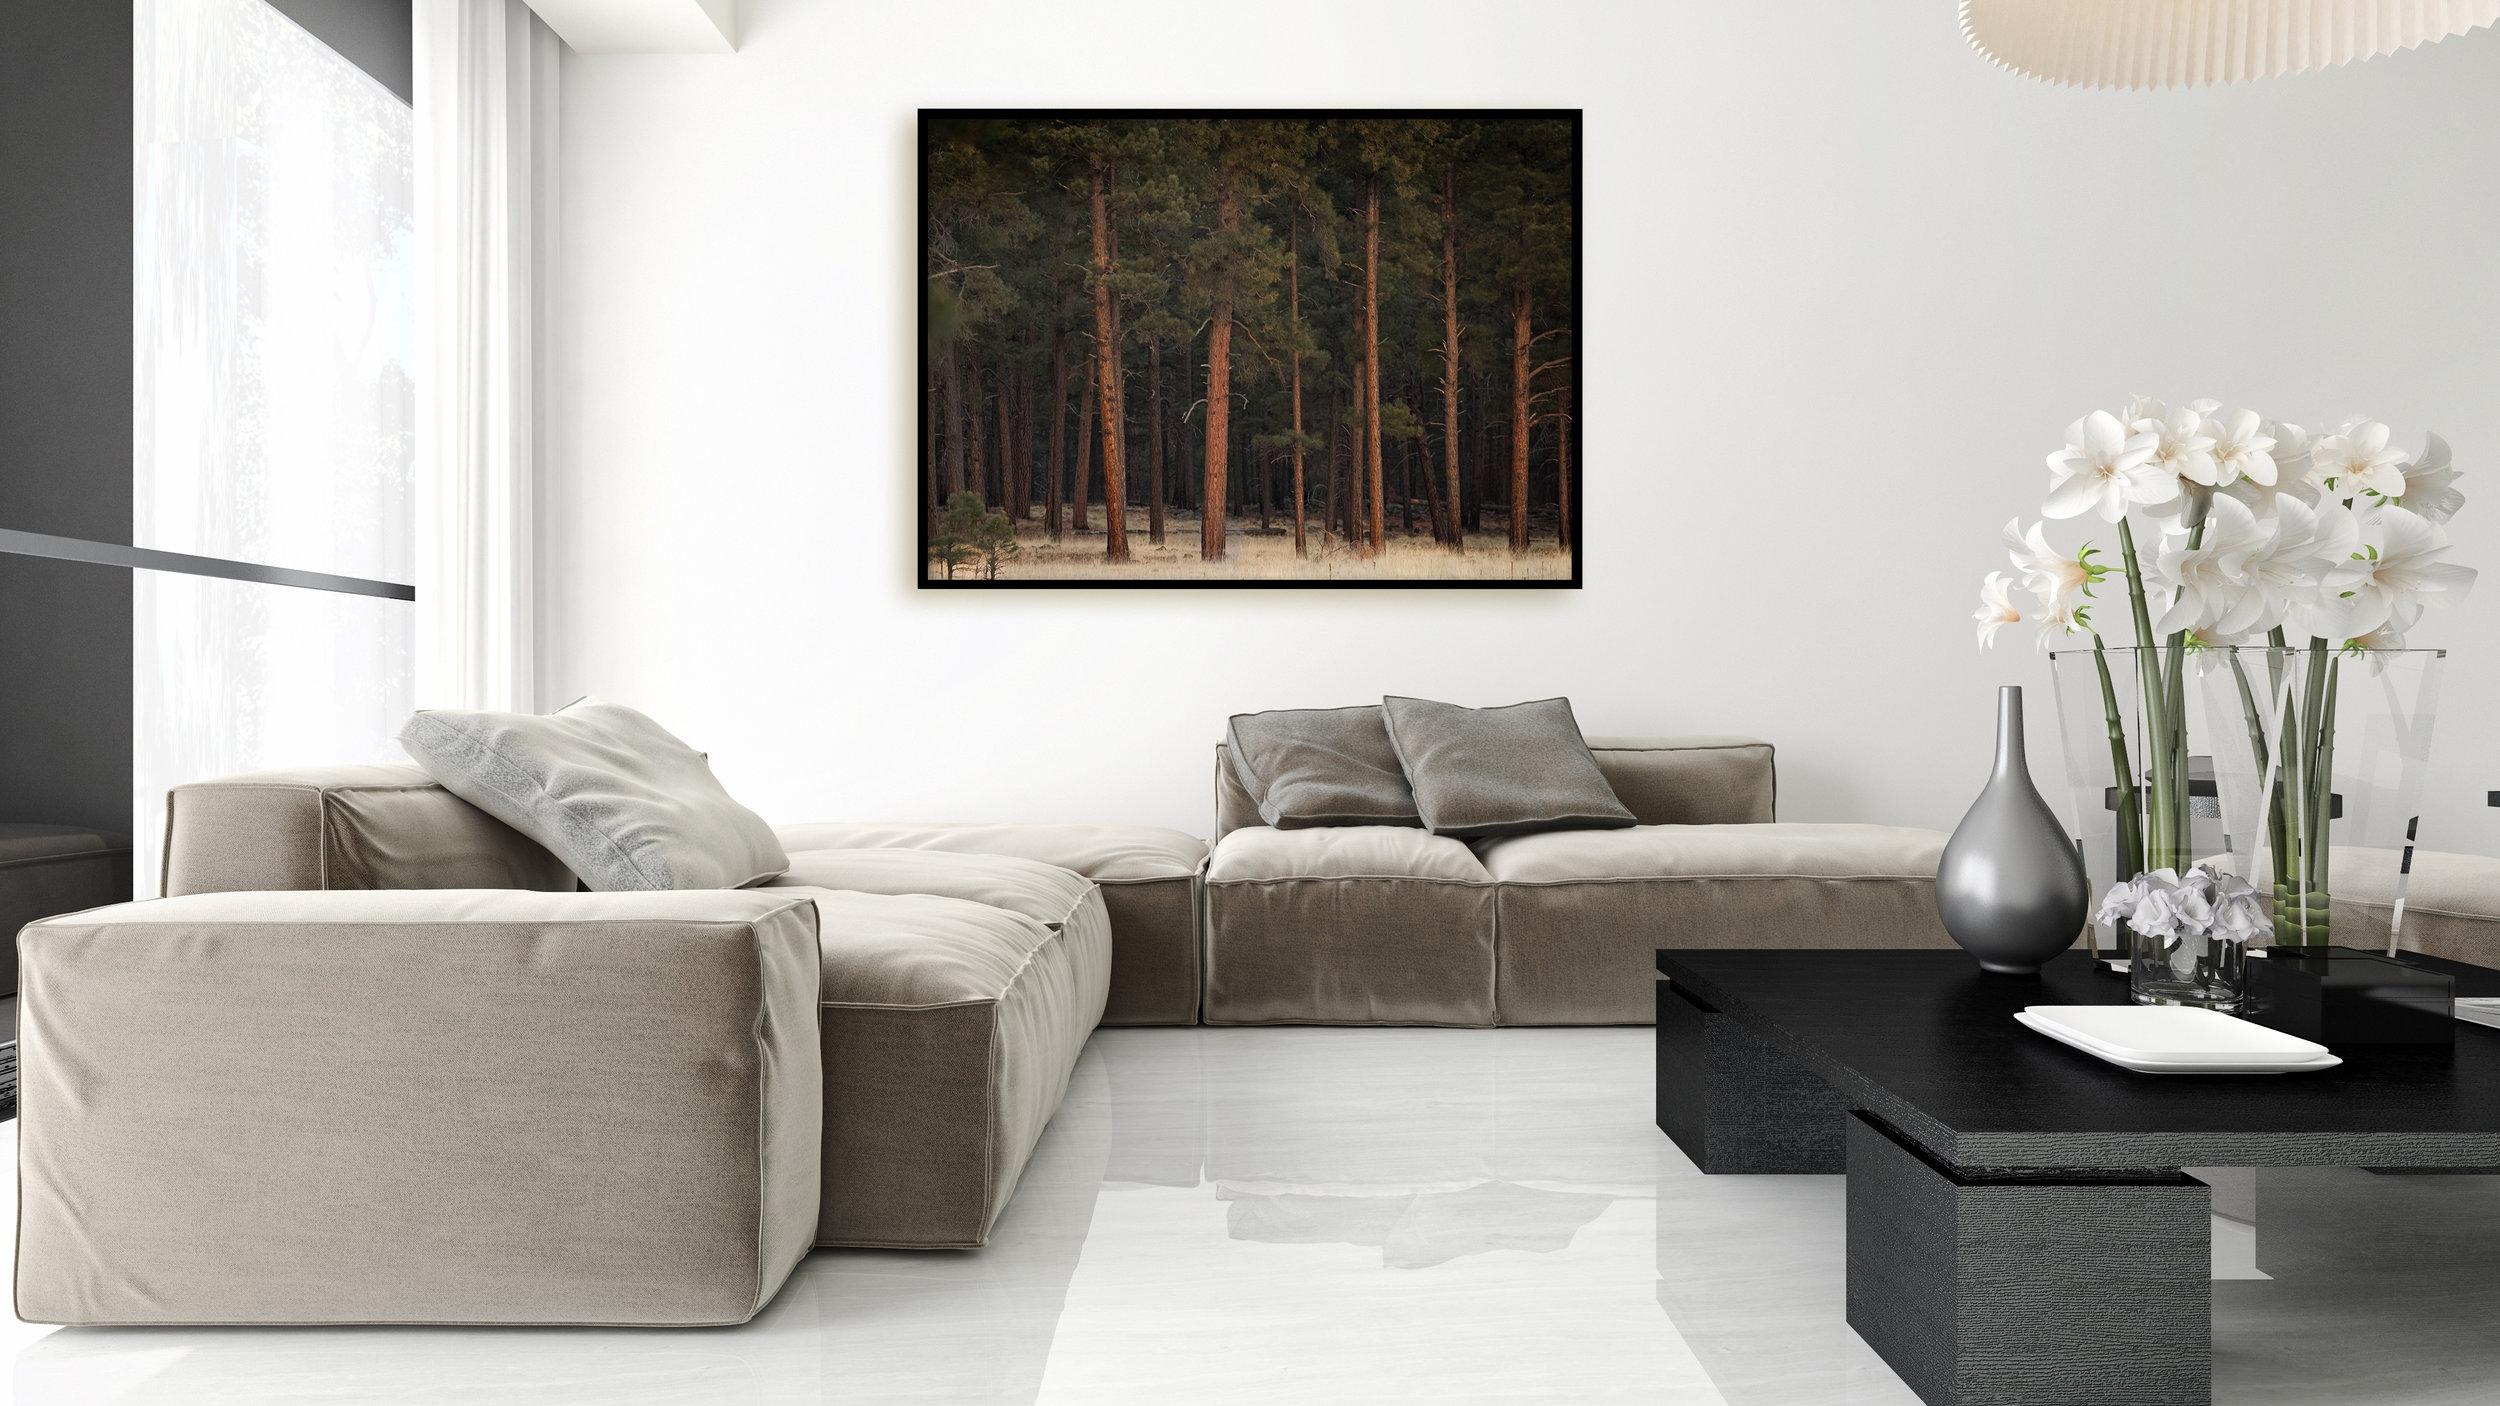 arizona-forest-image.jpg